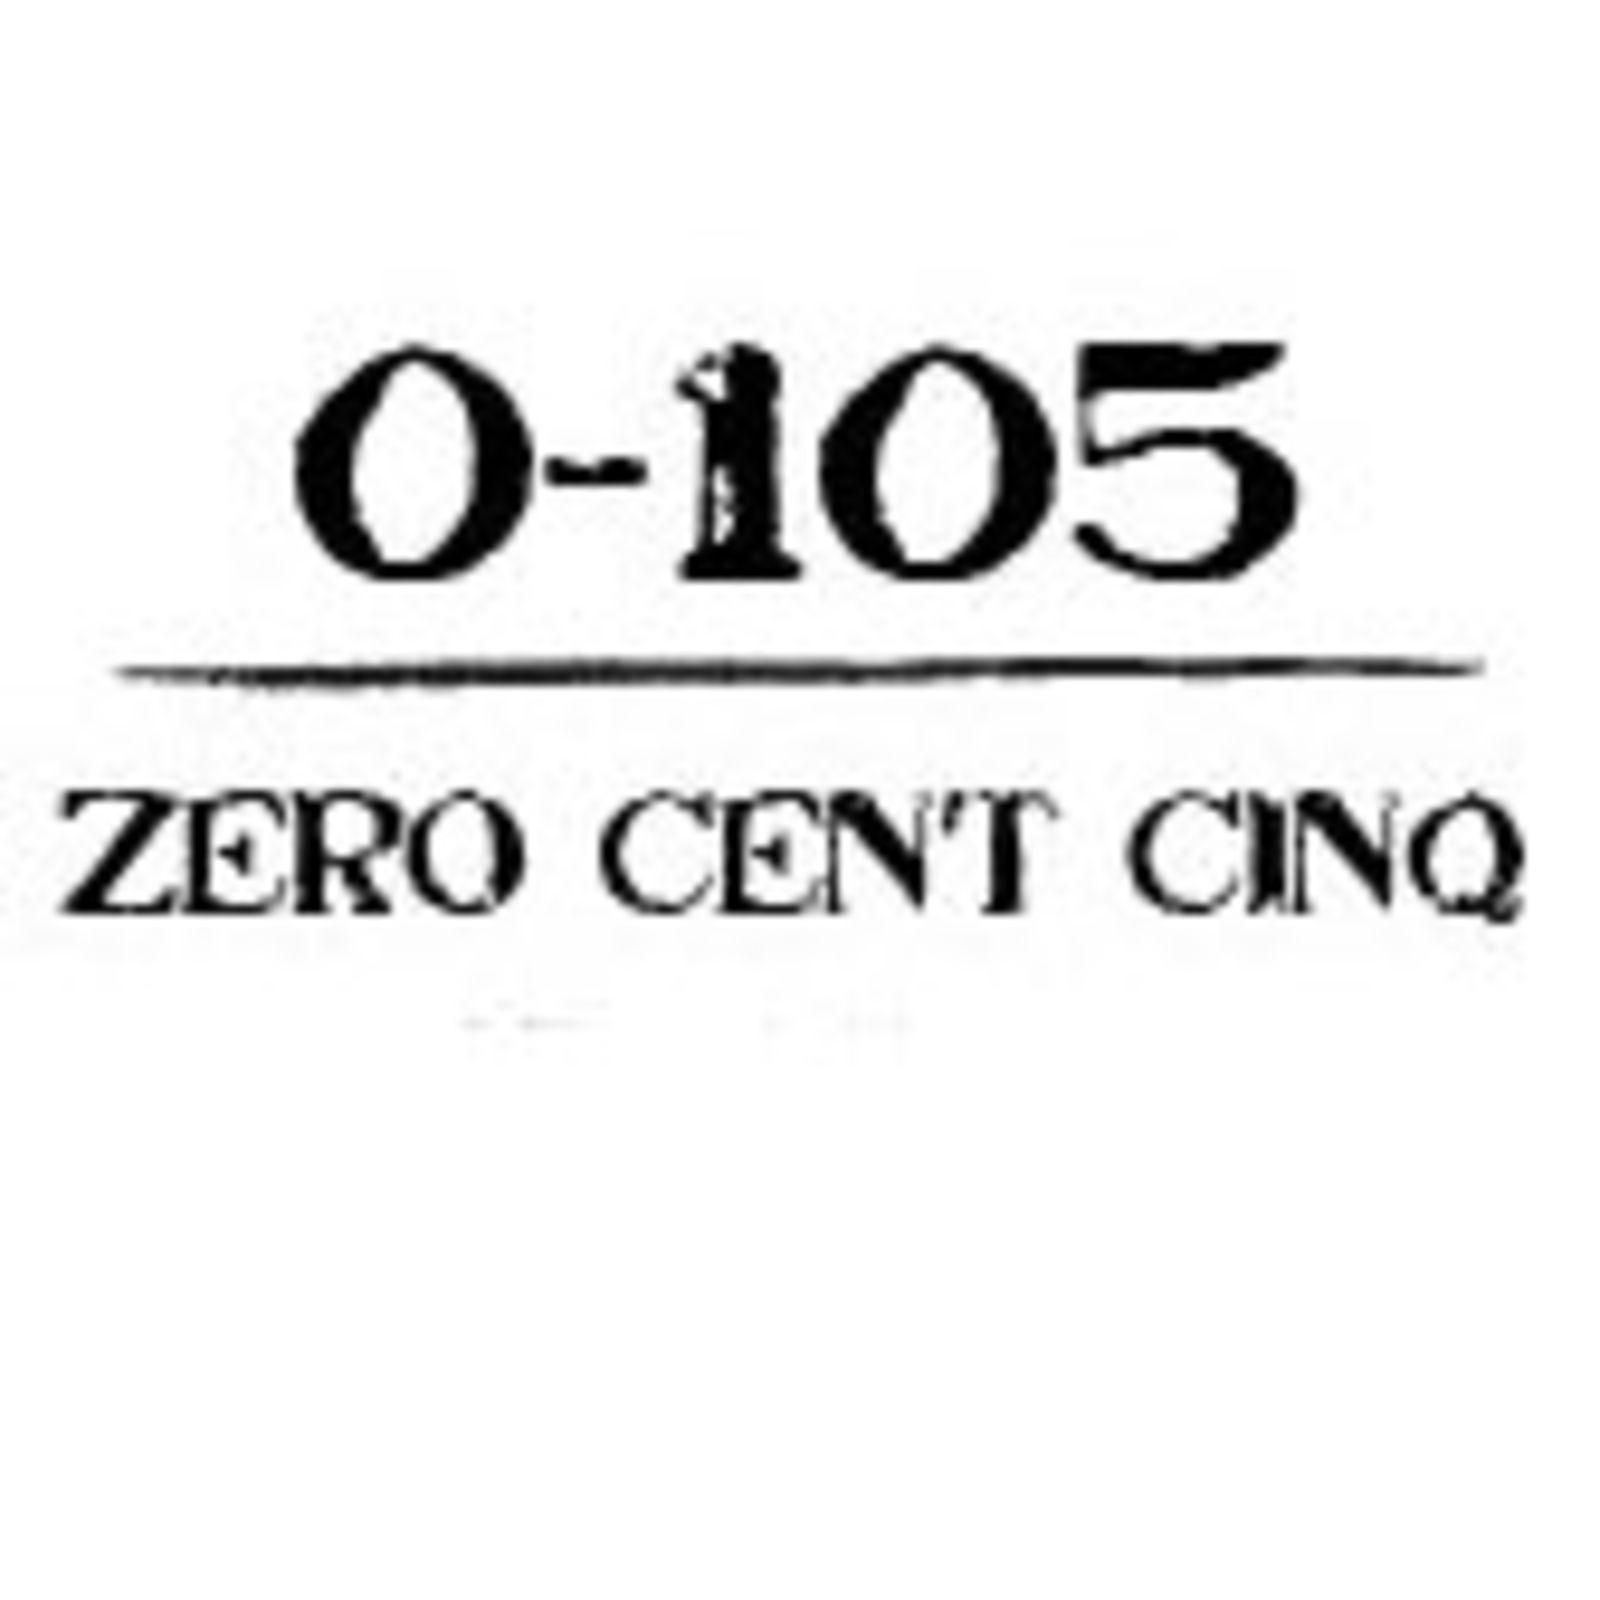 0-105 Zero Cent Cinq